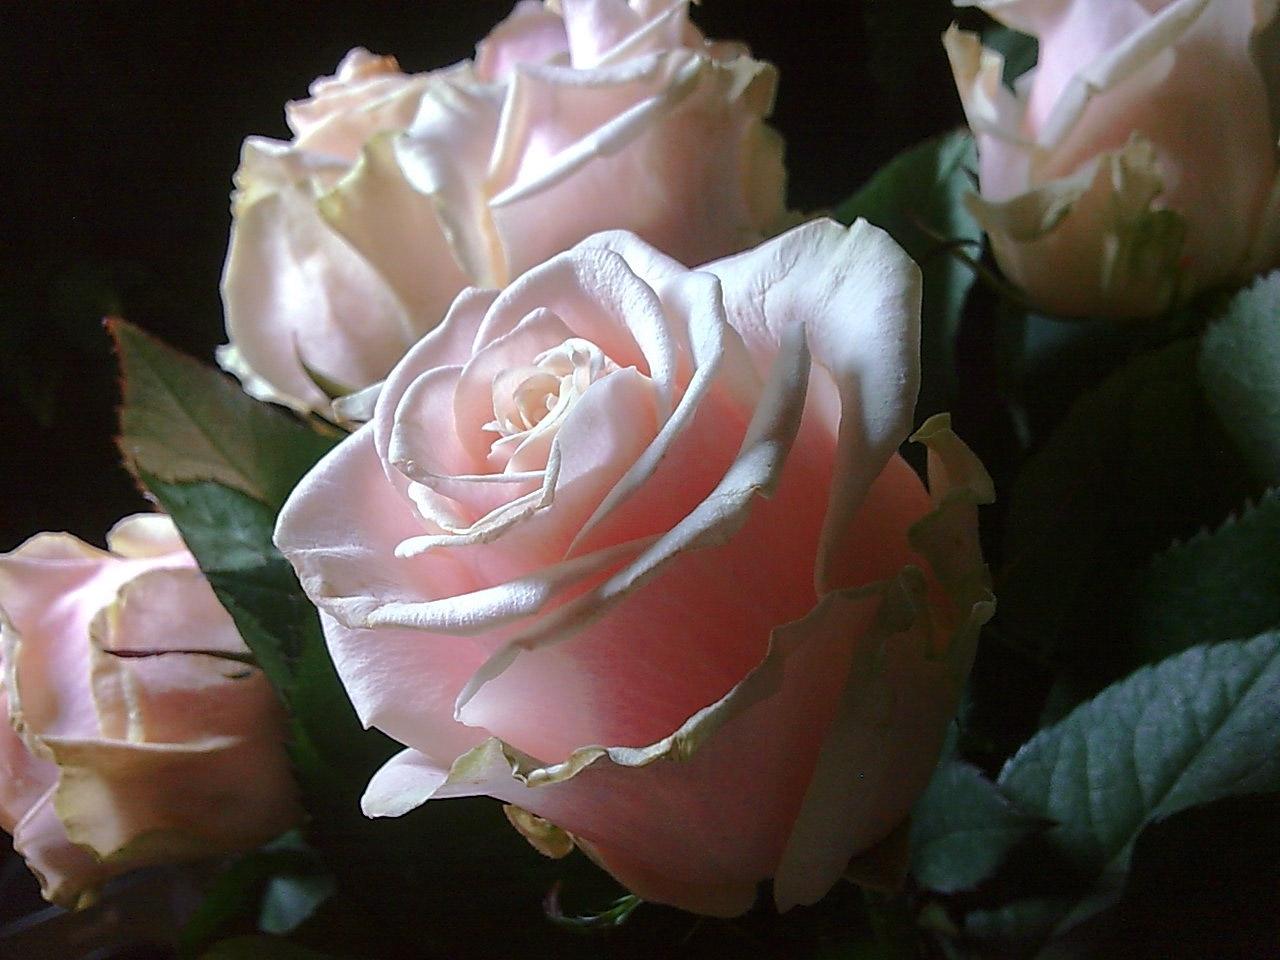 29036 скачать обои Растения, Цветы, Розы - заставки и картинки бесплатно